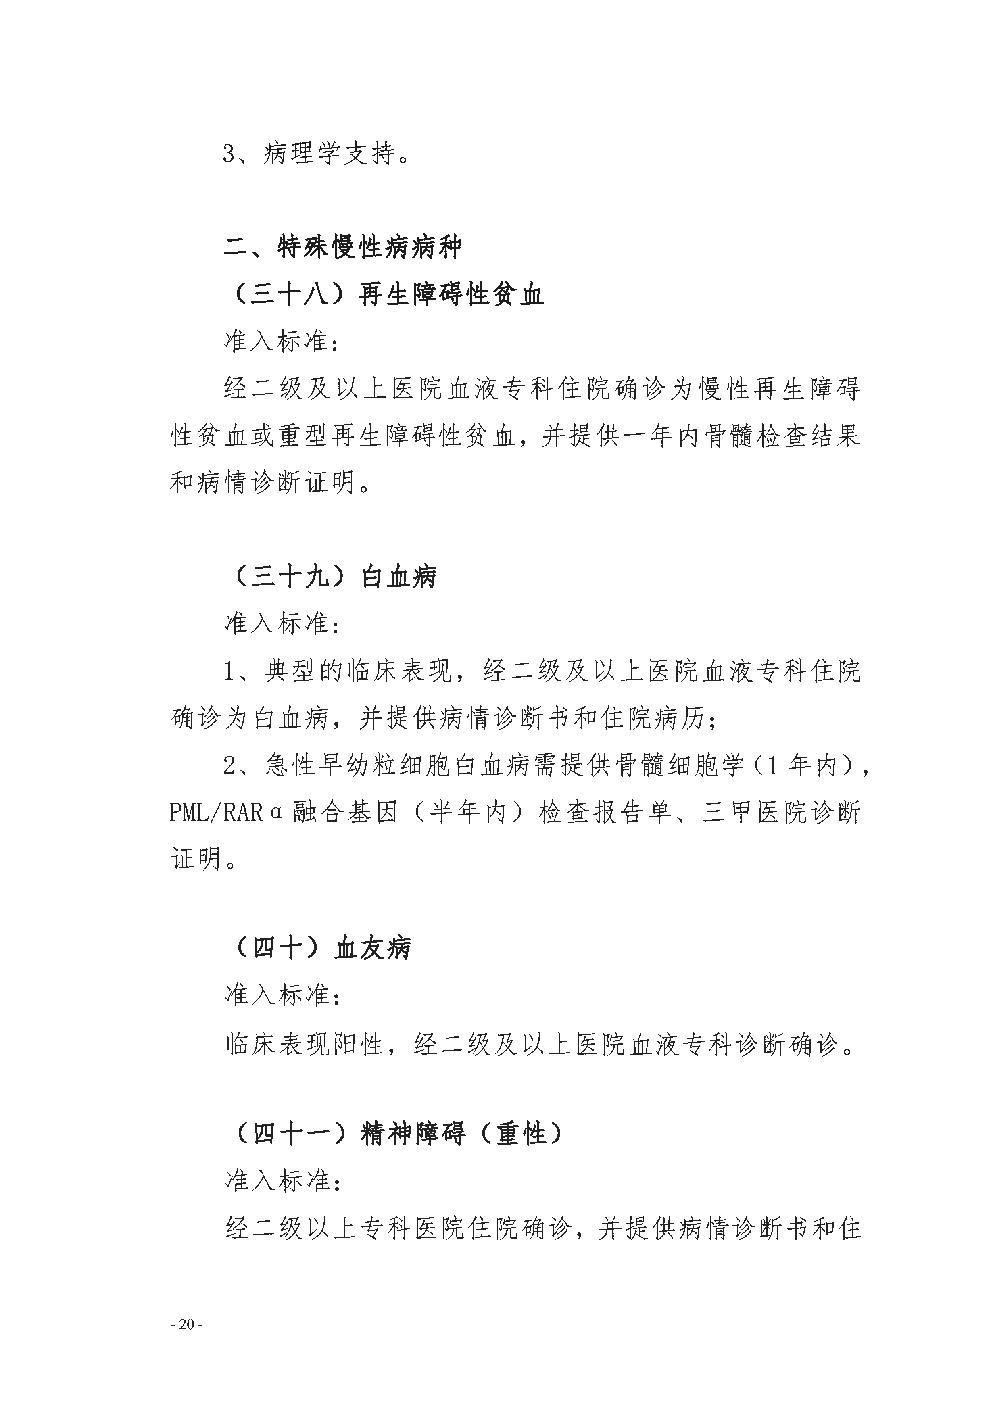 阜阳市城乡居民慢性病管理办法(1)_20.JPG